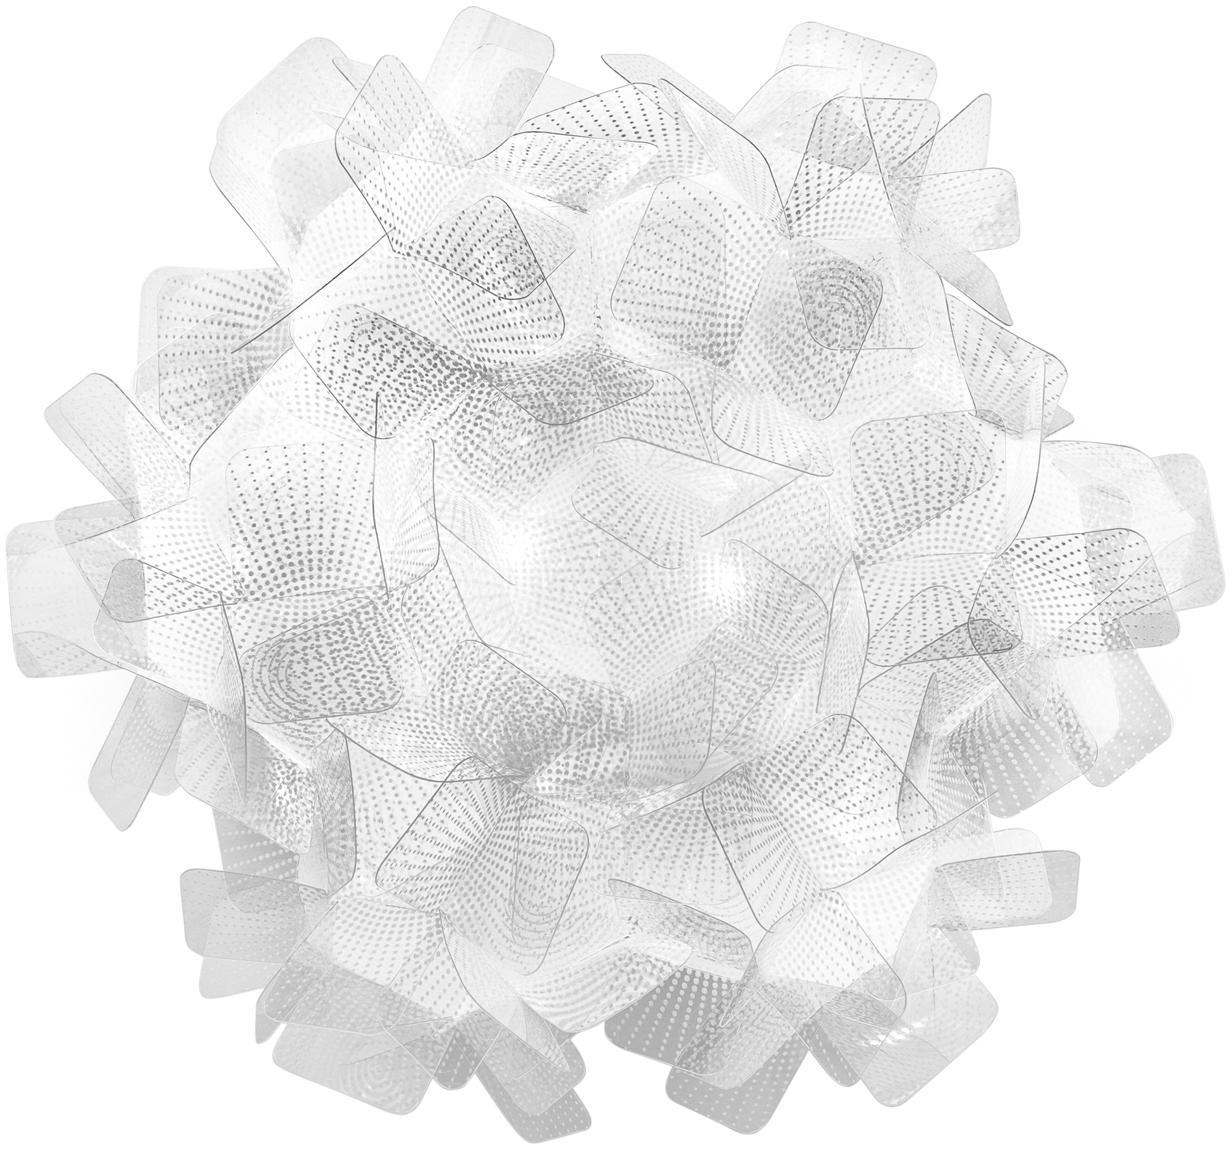 Ręcznie wykonany kinkiet/lampa sufitowa Clizia Pixel, Technopolimer Opalflex®, nadający się do recyklingu, nietłuczący się, elastyczny, powłoka antystatyczna, odporny na promieniowanie UV, Transparentny, Ø 32 x G 15 cm